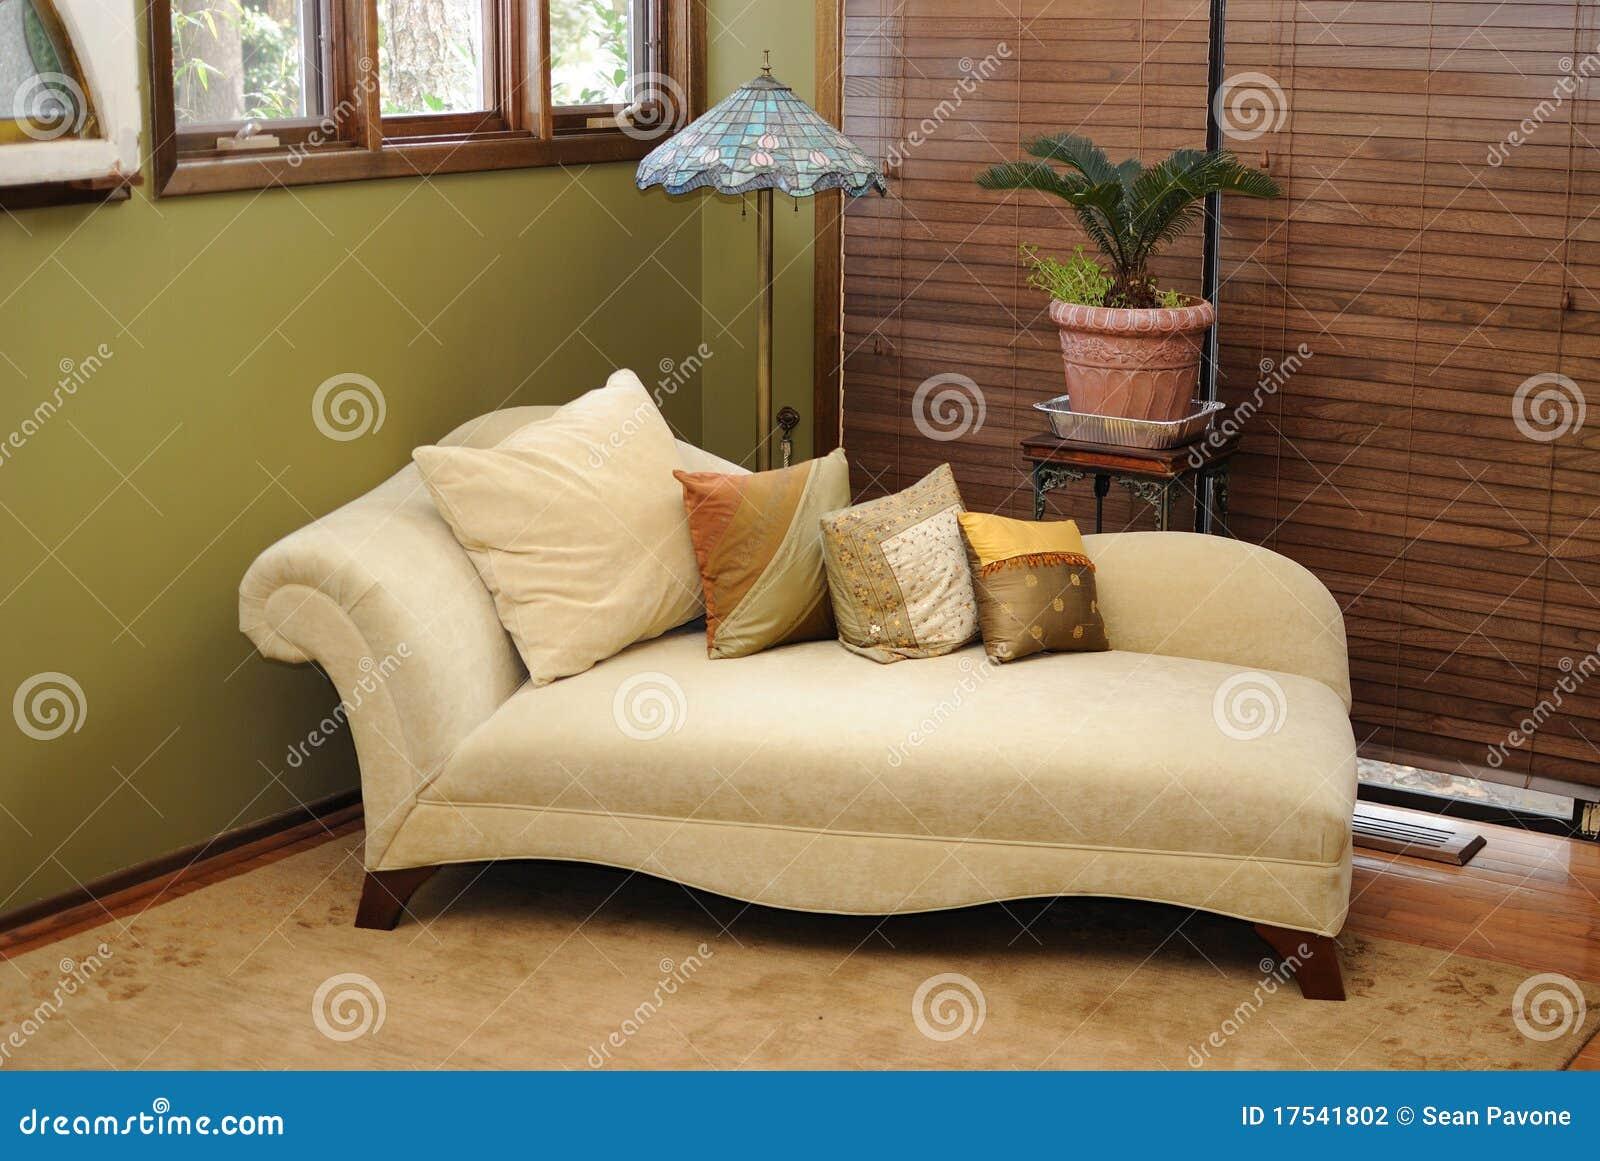 #474350 Cadeira Interior Da Sala De Estar Do Luxuoso Fotografia de Stock Imagem 17541802 1300x960 píxeis em Cadeira De Sala De Estar Moderna